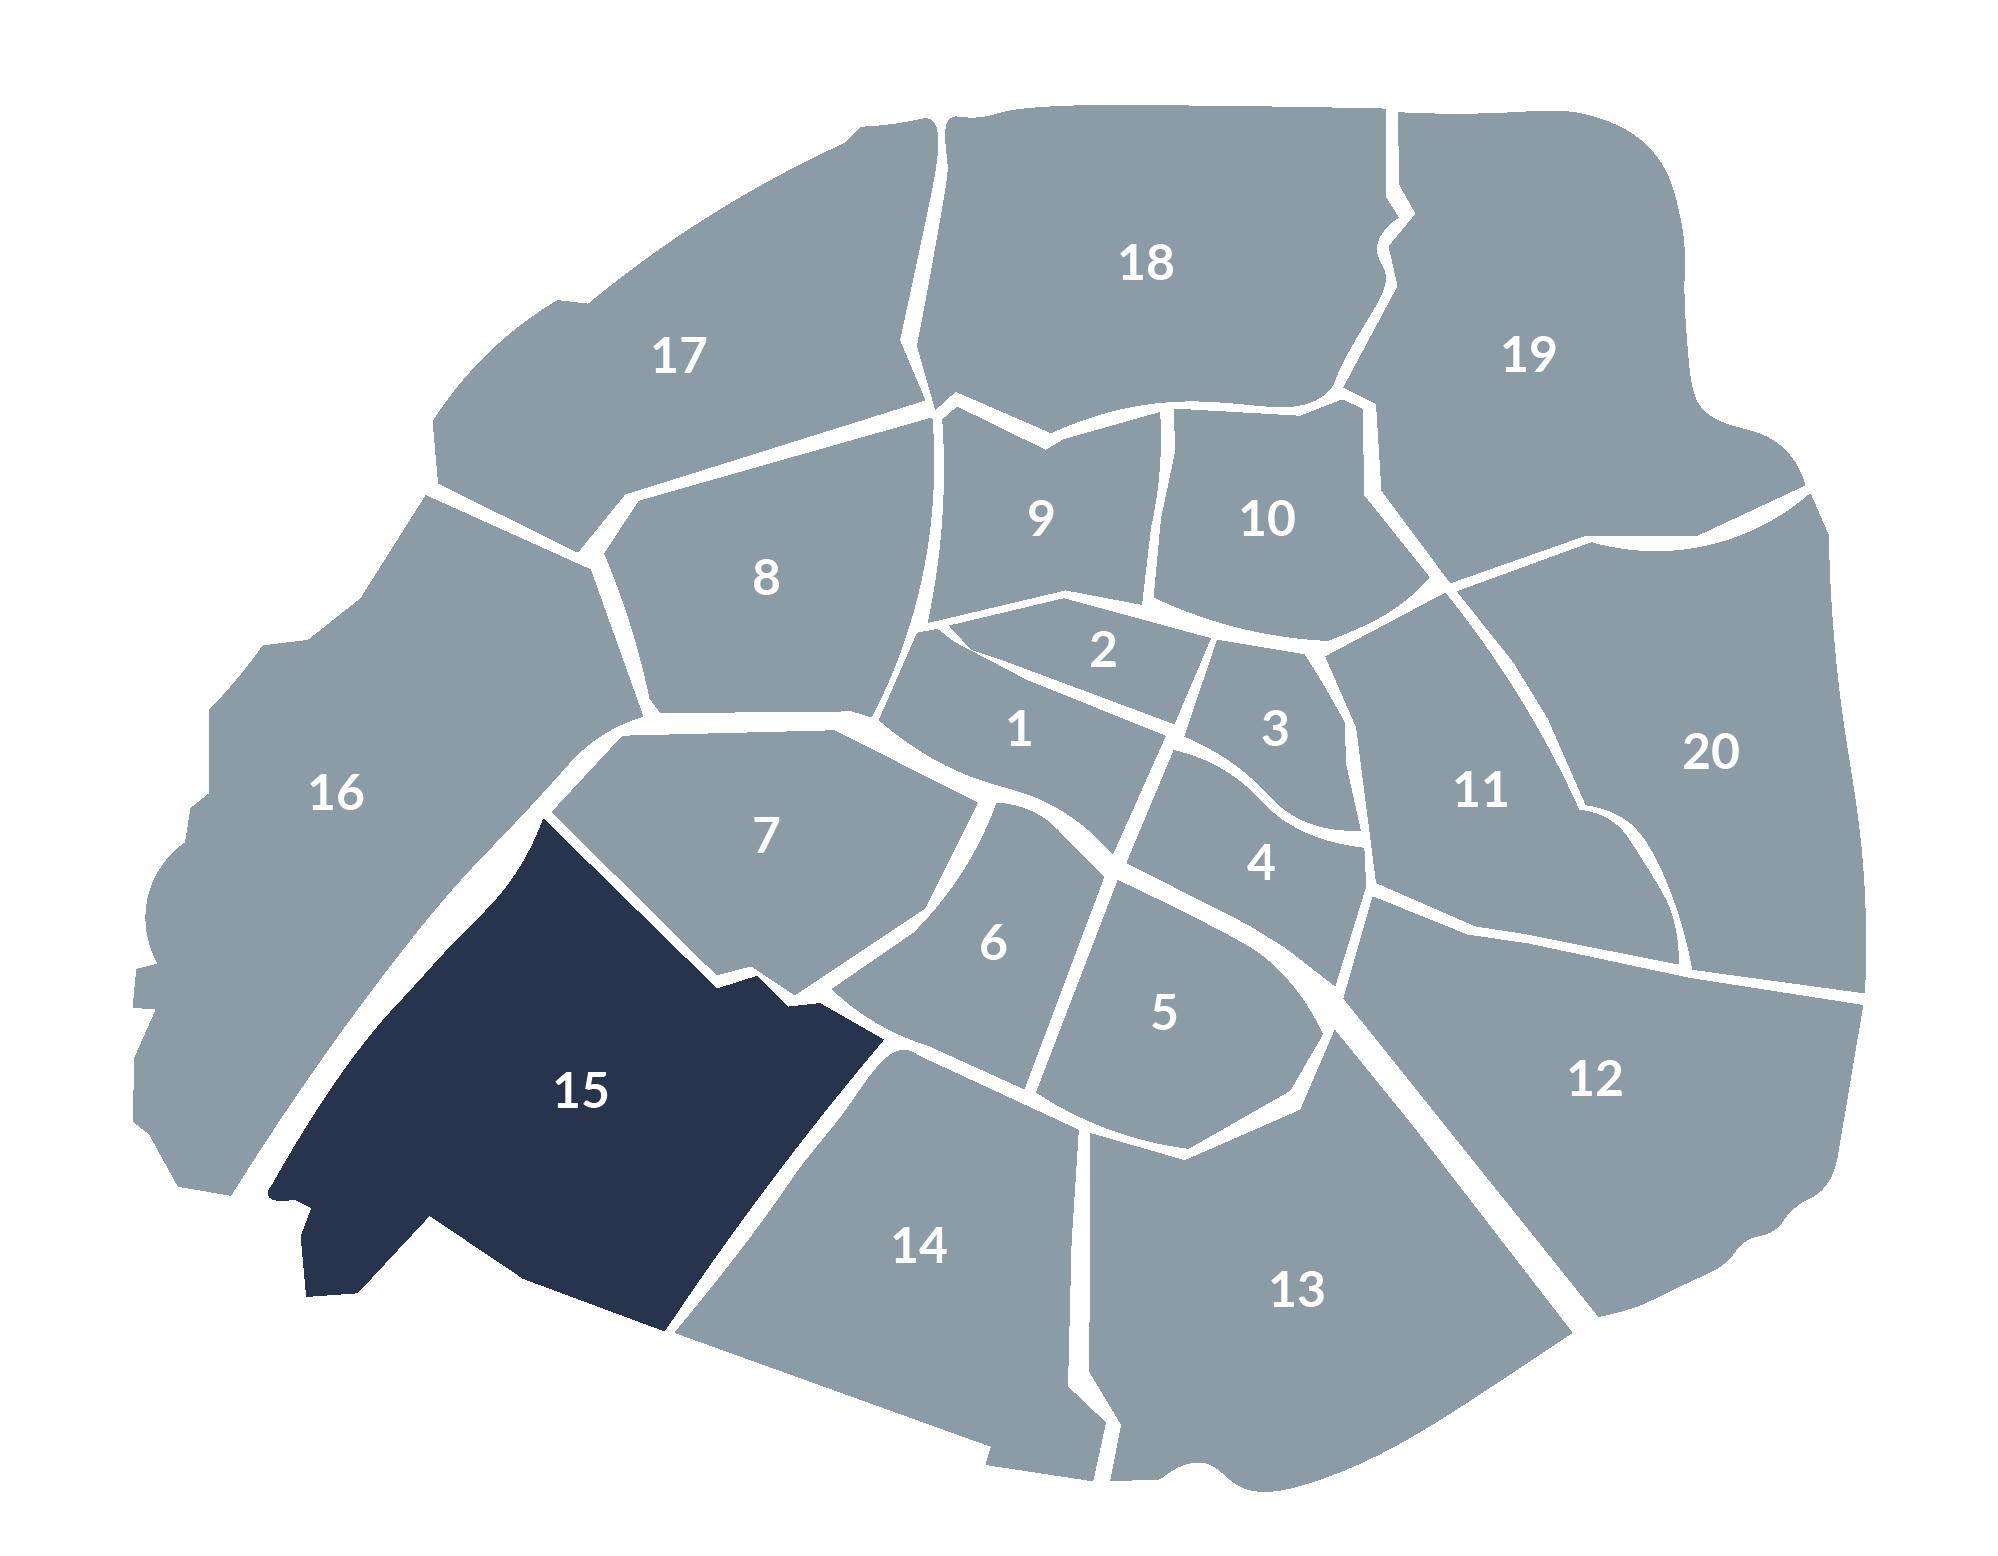 carte paris 15e arrondissement